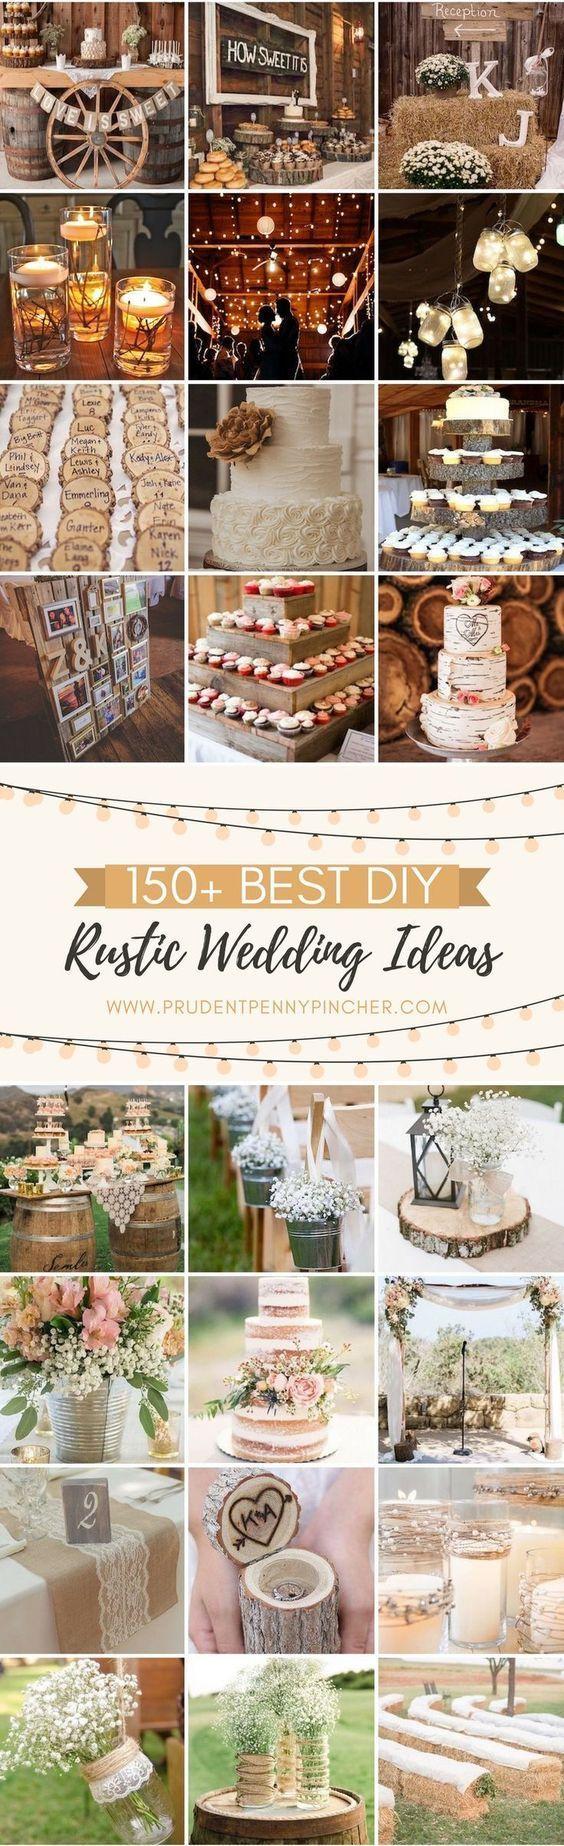 150 Best DIY Rustic Wedding Ideas #weddingideas